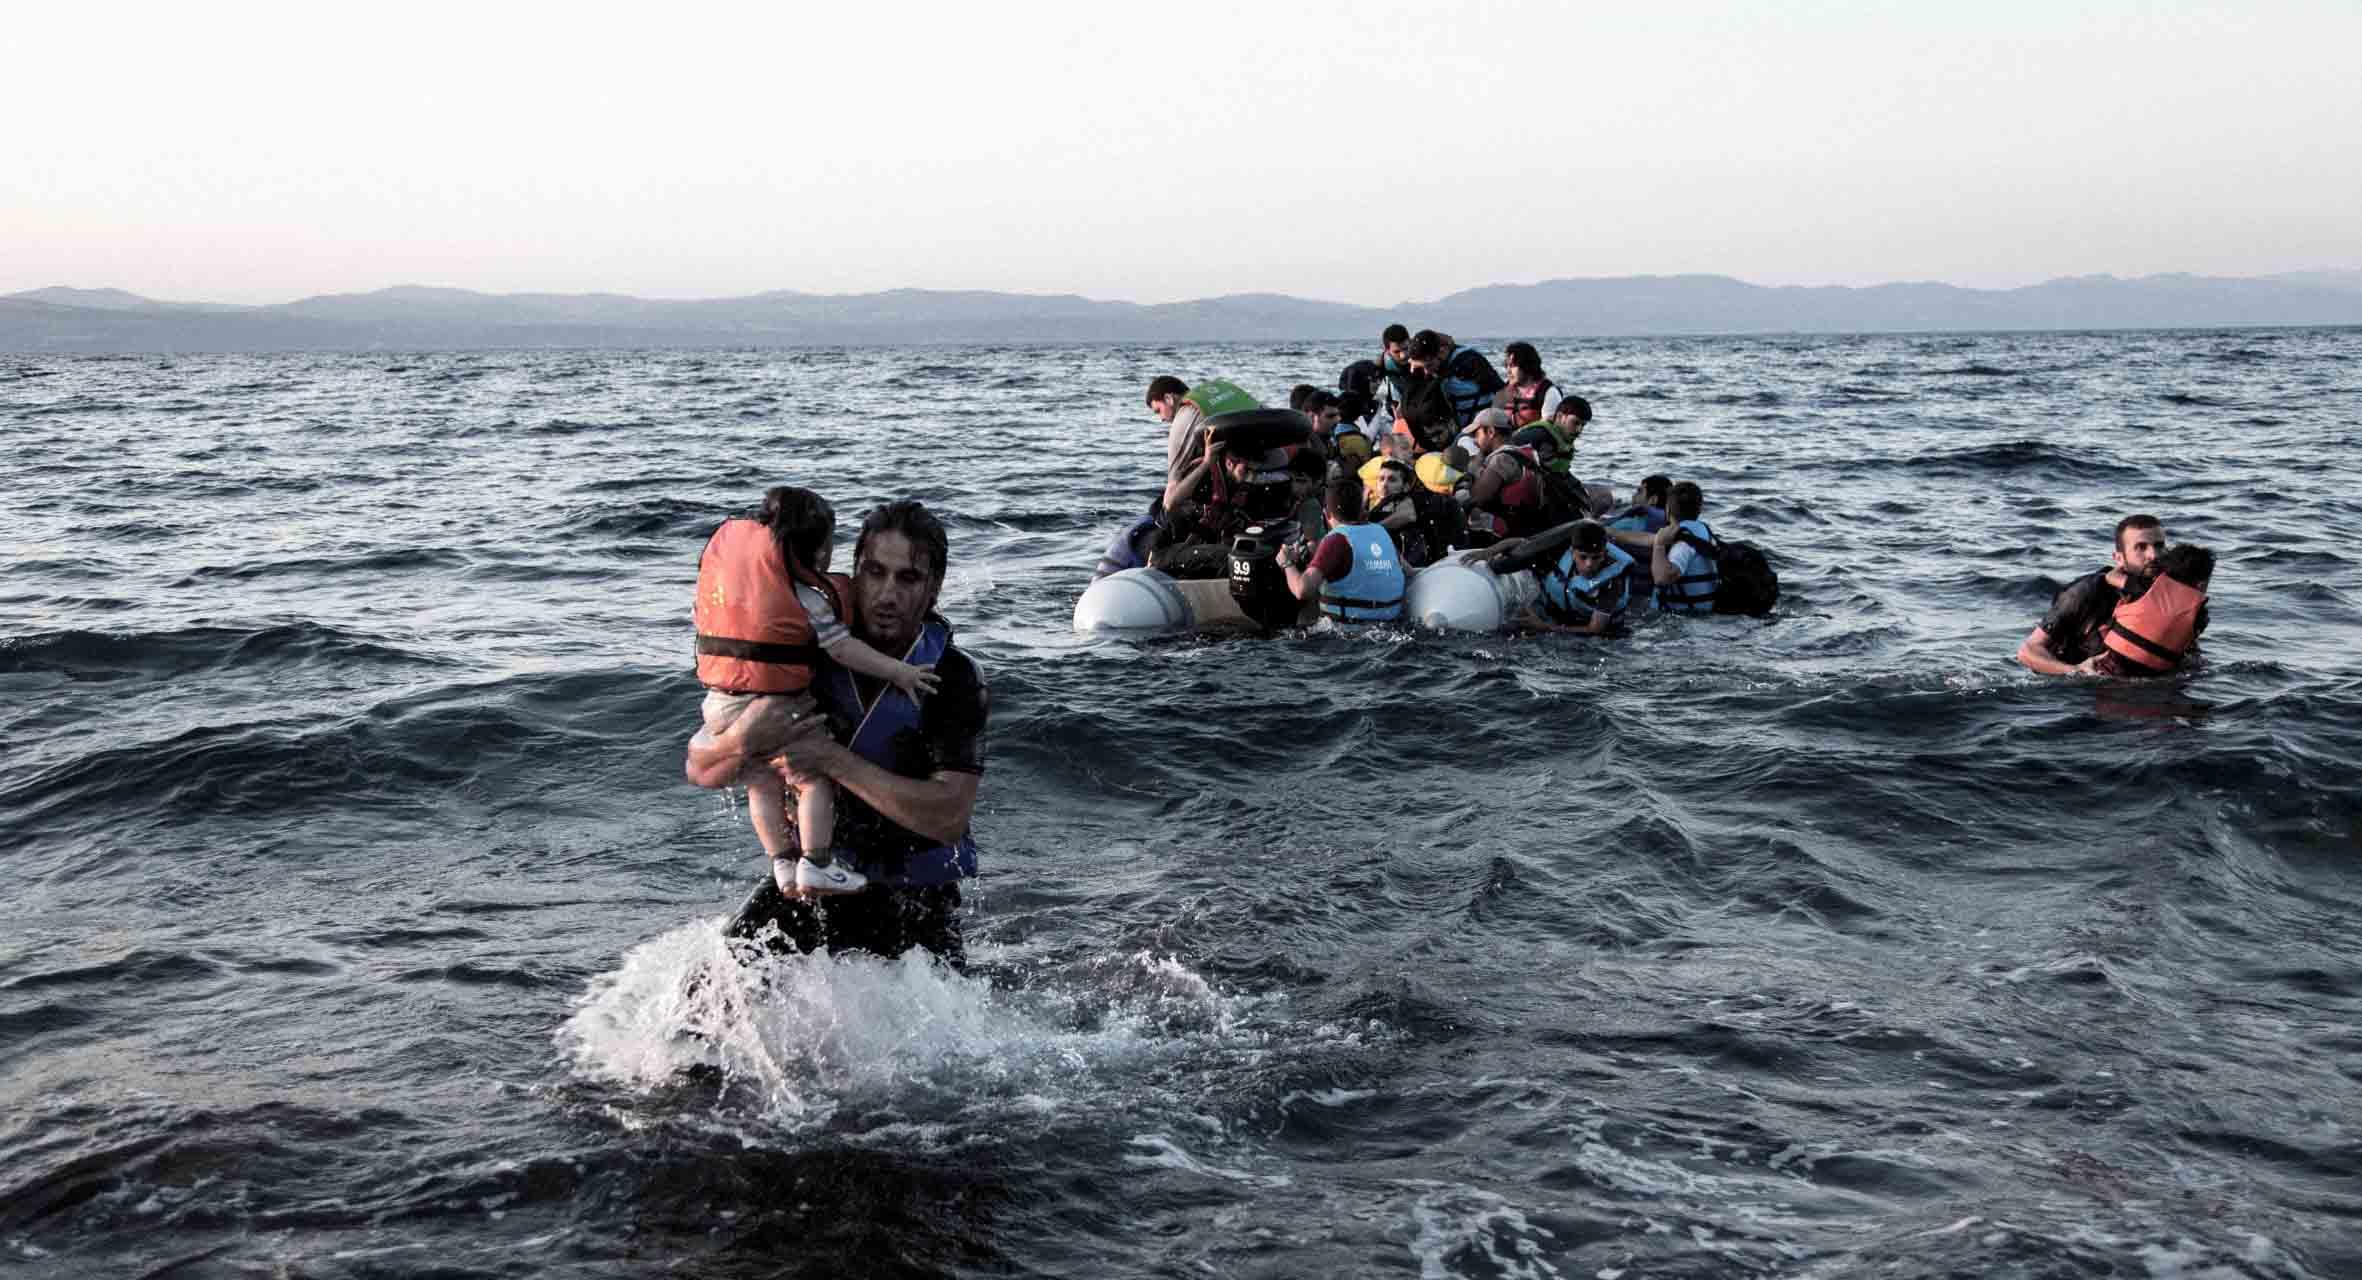 صورة أوروبا تؤكد أنّها من اخترعت القانون الدولي وهي حُرّة بانتهاكه وقتما تشاء